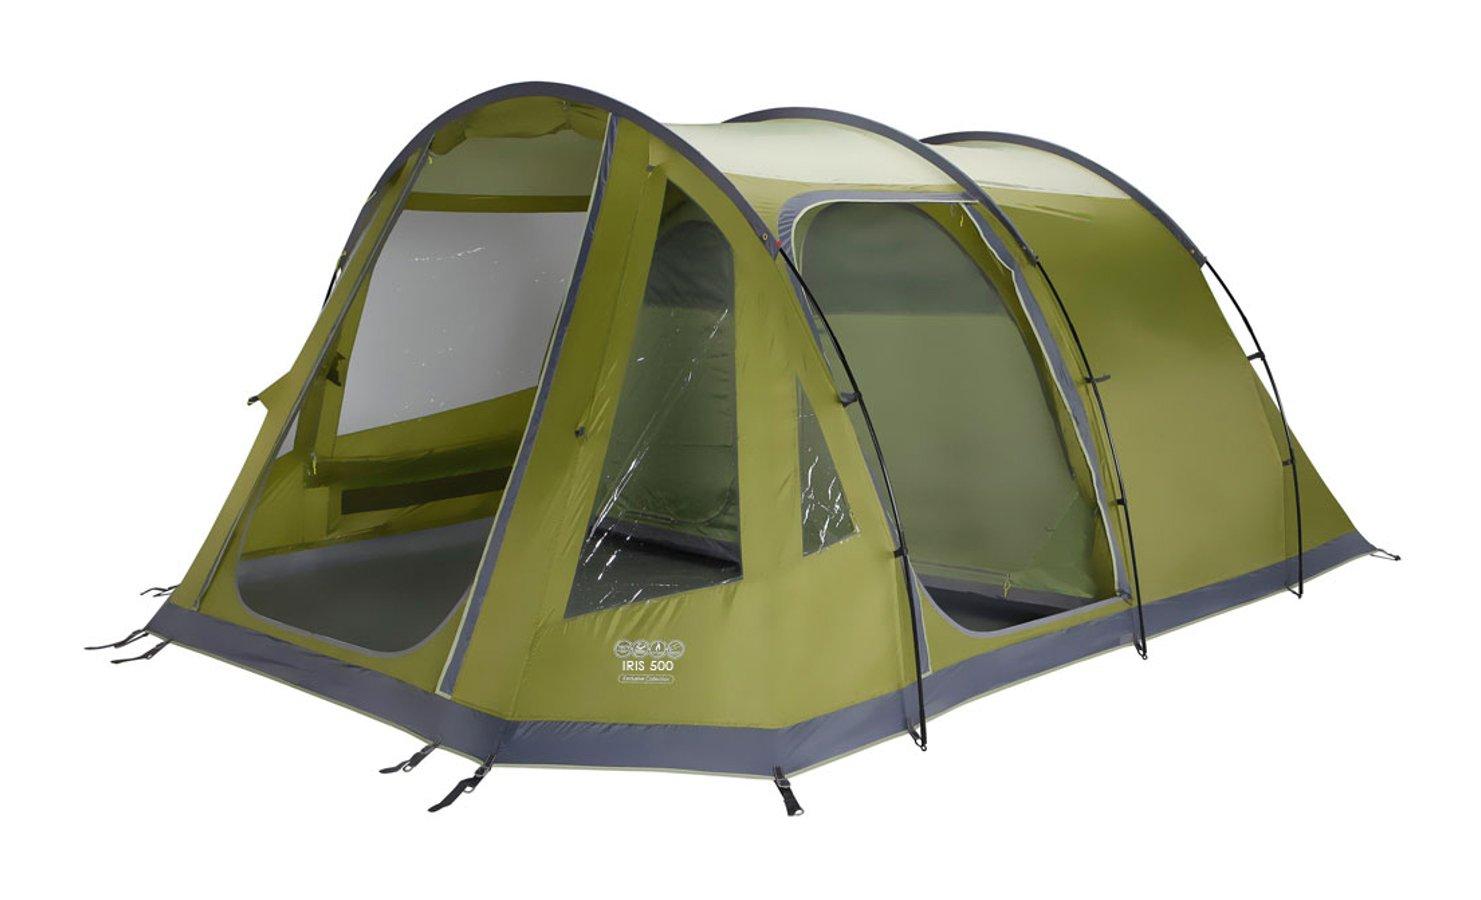 Vango Iris V 500 Tent - 5 person Tent - 2015